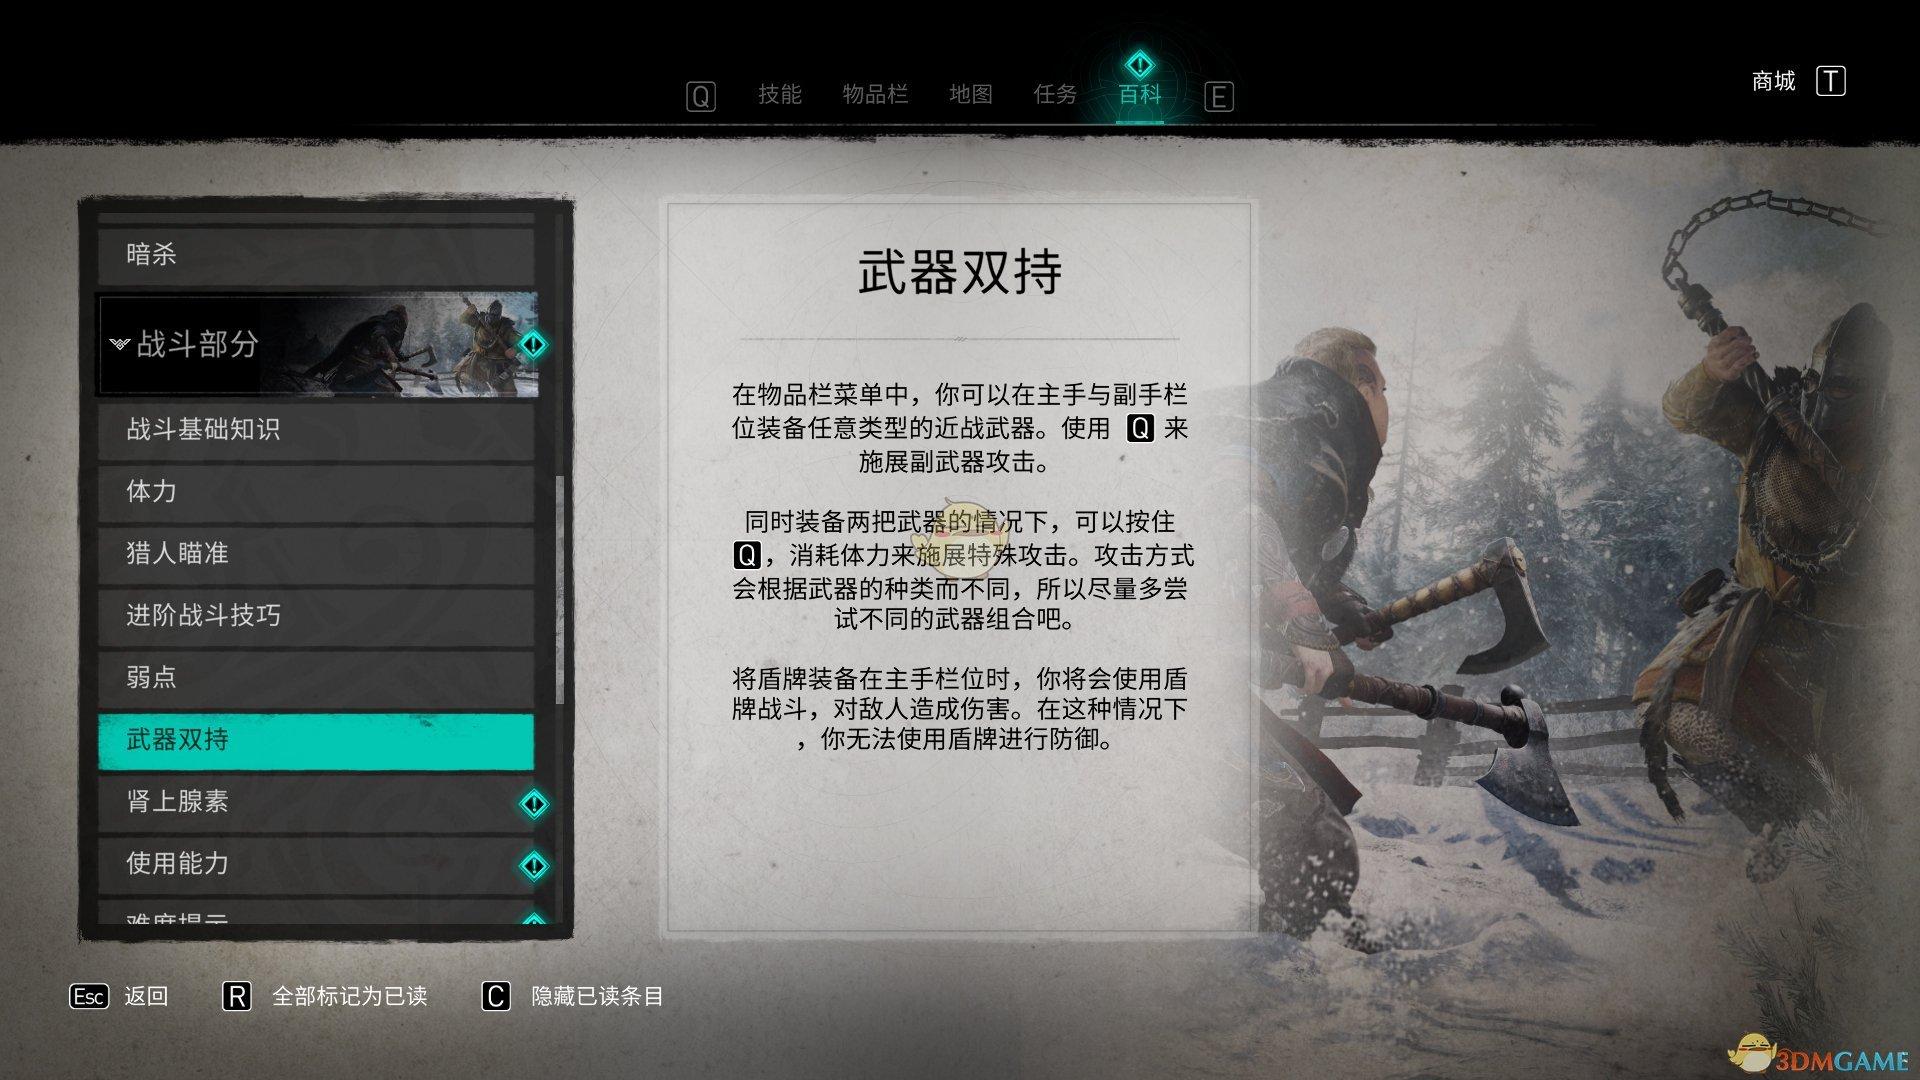 《刺客信条:英灵殿》武器双持系统介绍